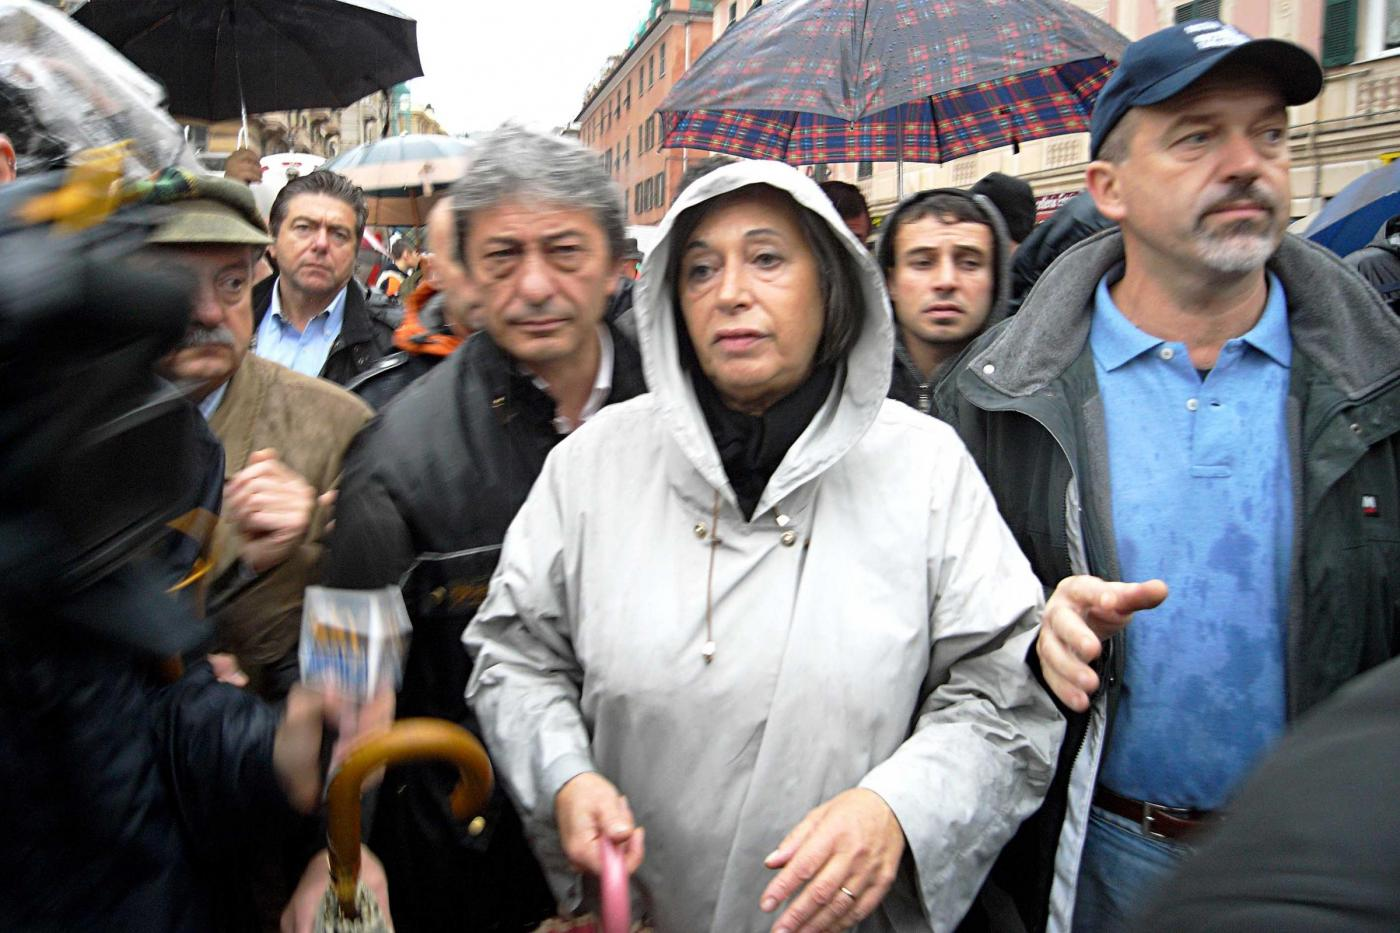 Alluvione Genova, chiesti sei anni di carcere per l'ex sindaco